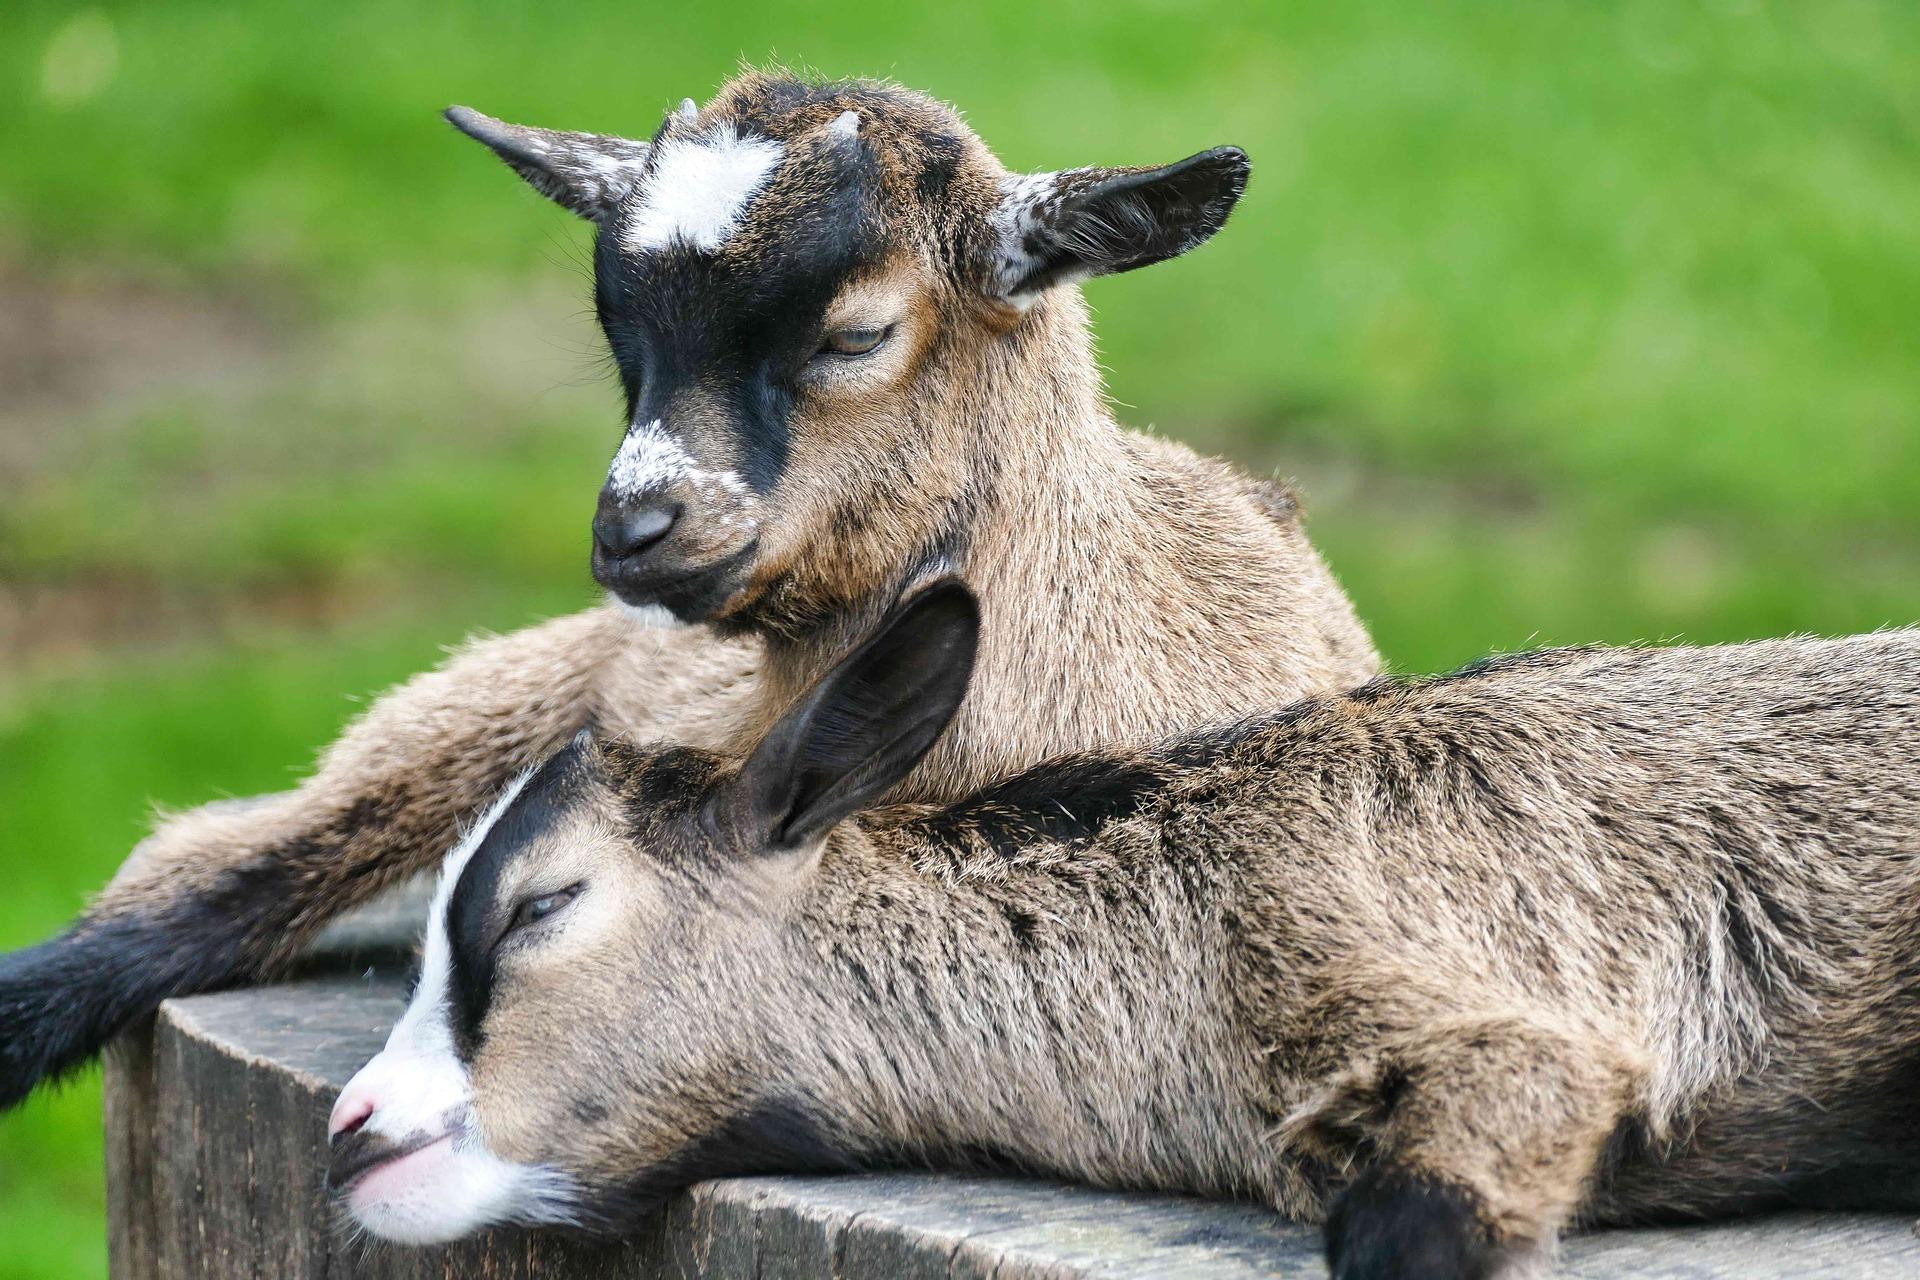 deux chèvres naines